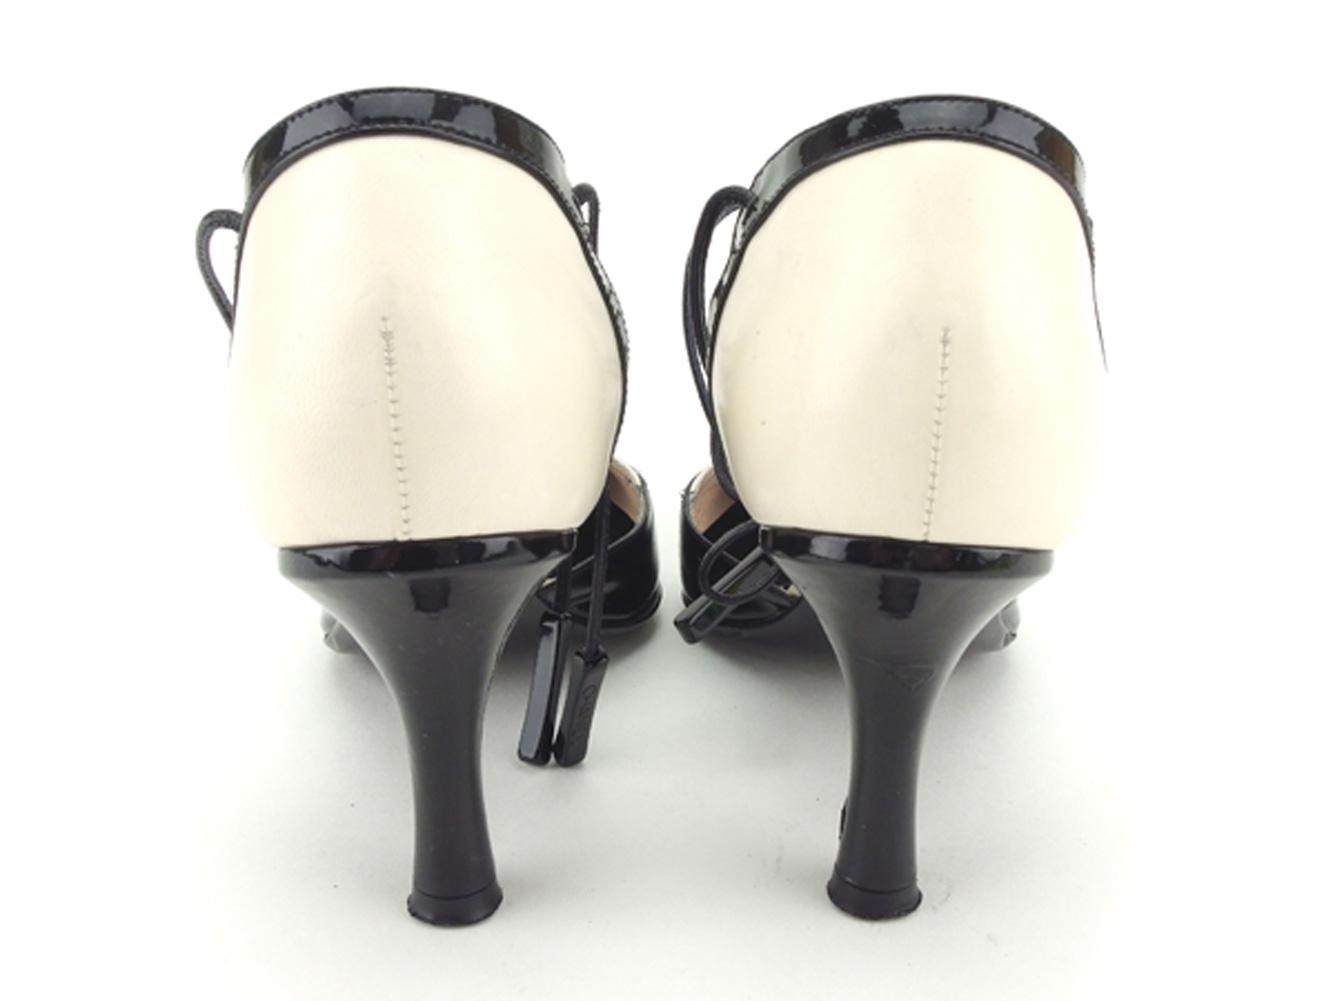 72f1587a1978 【中古】 シャネル CHANEL パンプス シューズ シューズ シューズ 靴 レディース #36 ブラック ホワイト 白 エナメル×レザー 人気  セール T8455 . 651。